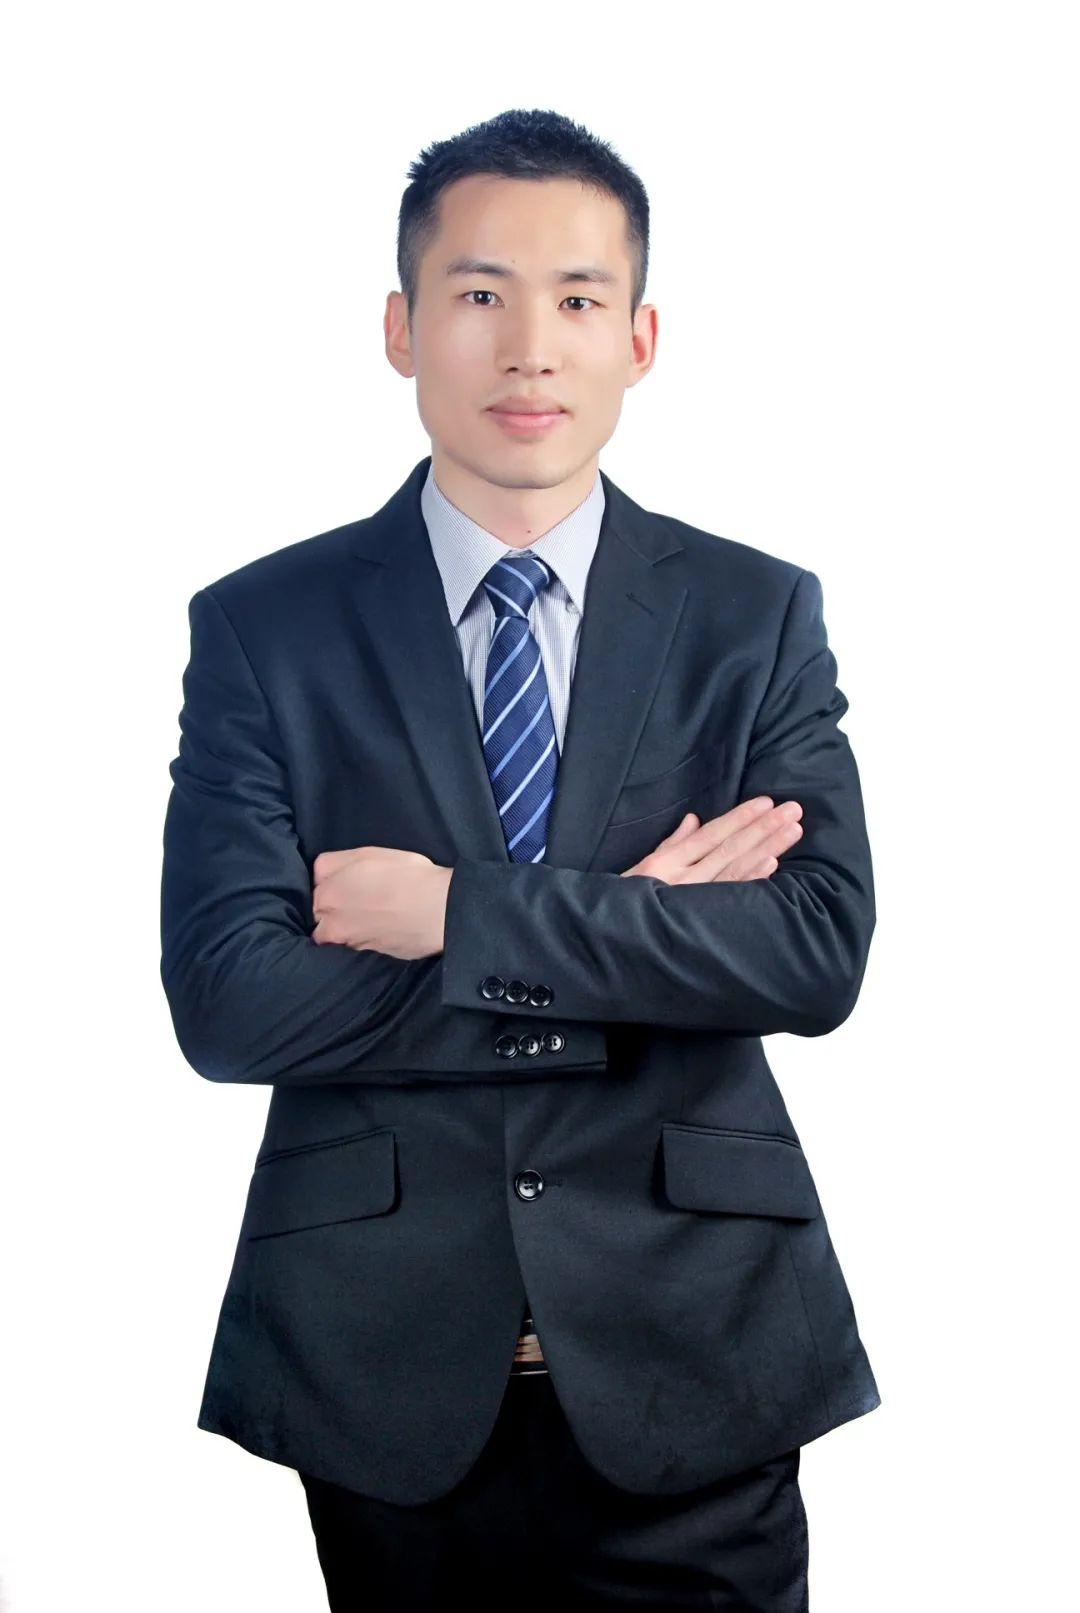 东方基金刘长俊:积小胜为大胜投资原则与市场趋势两手抓